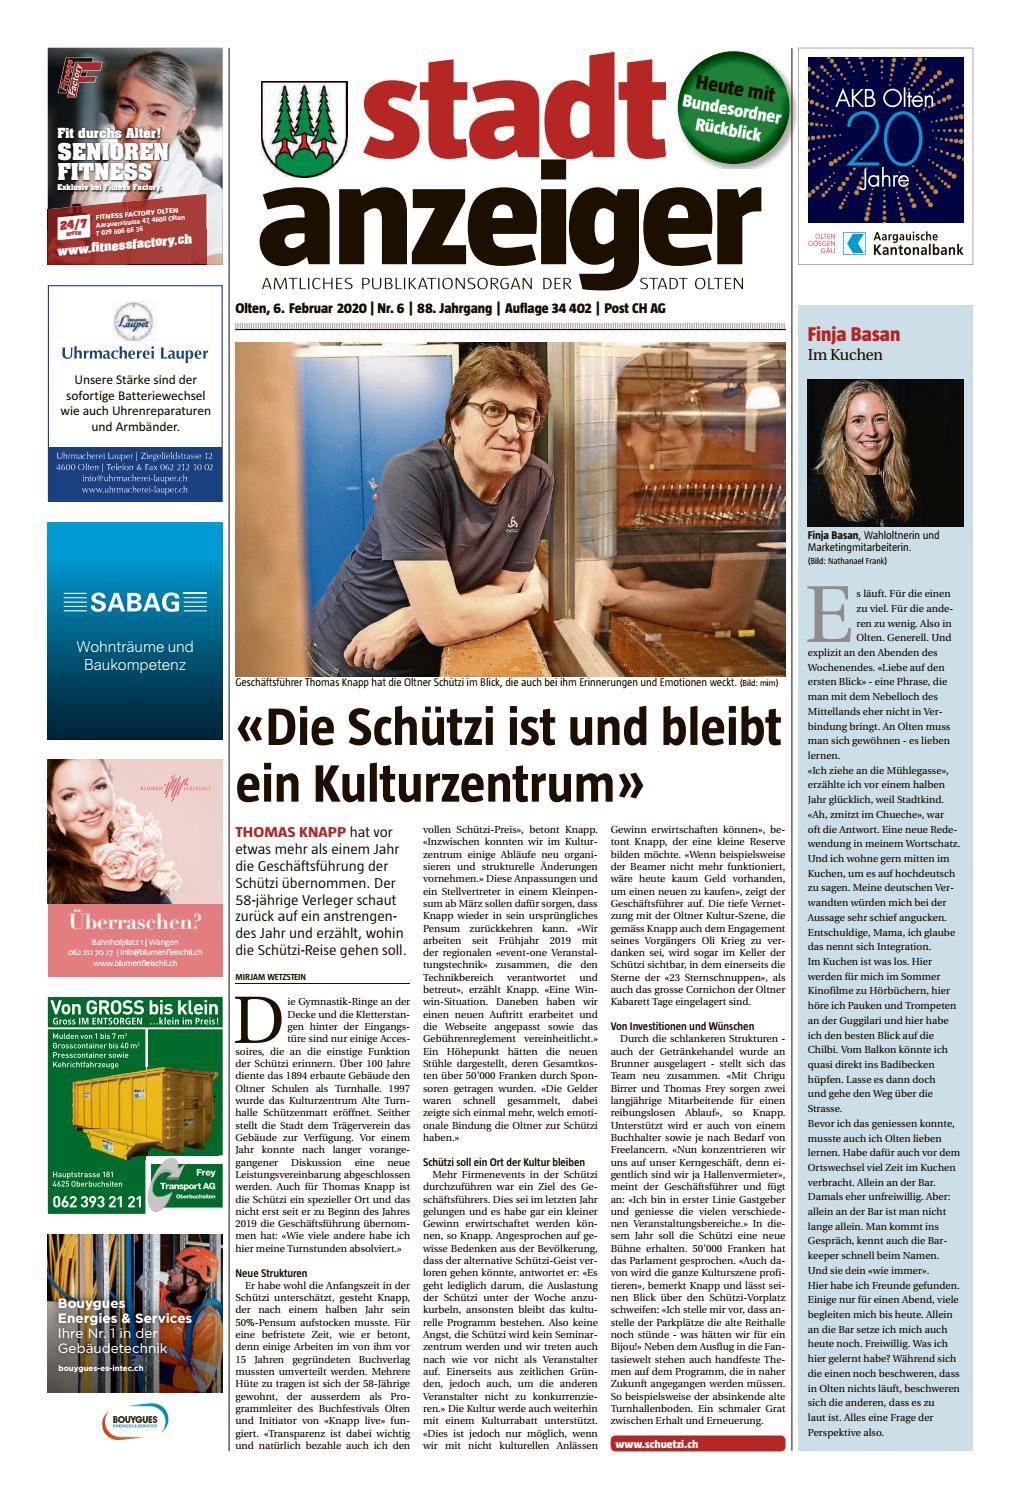 Frauen Jung Nackt - Kontakte - Kontaktanzeigen - mallokat.com